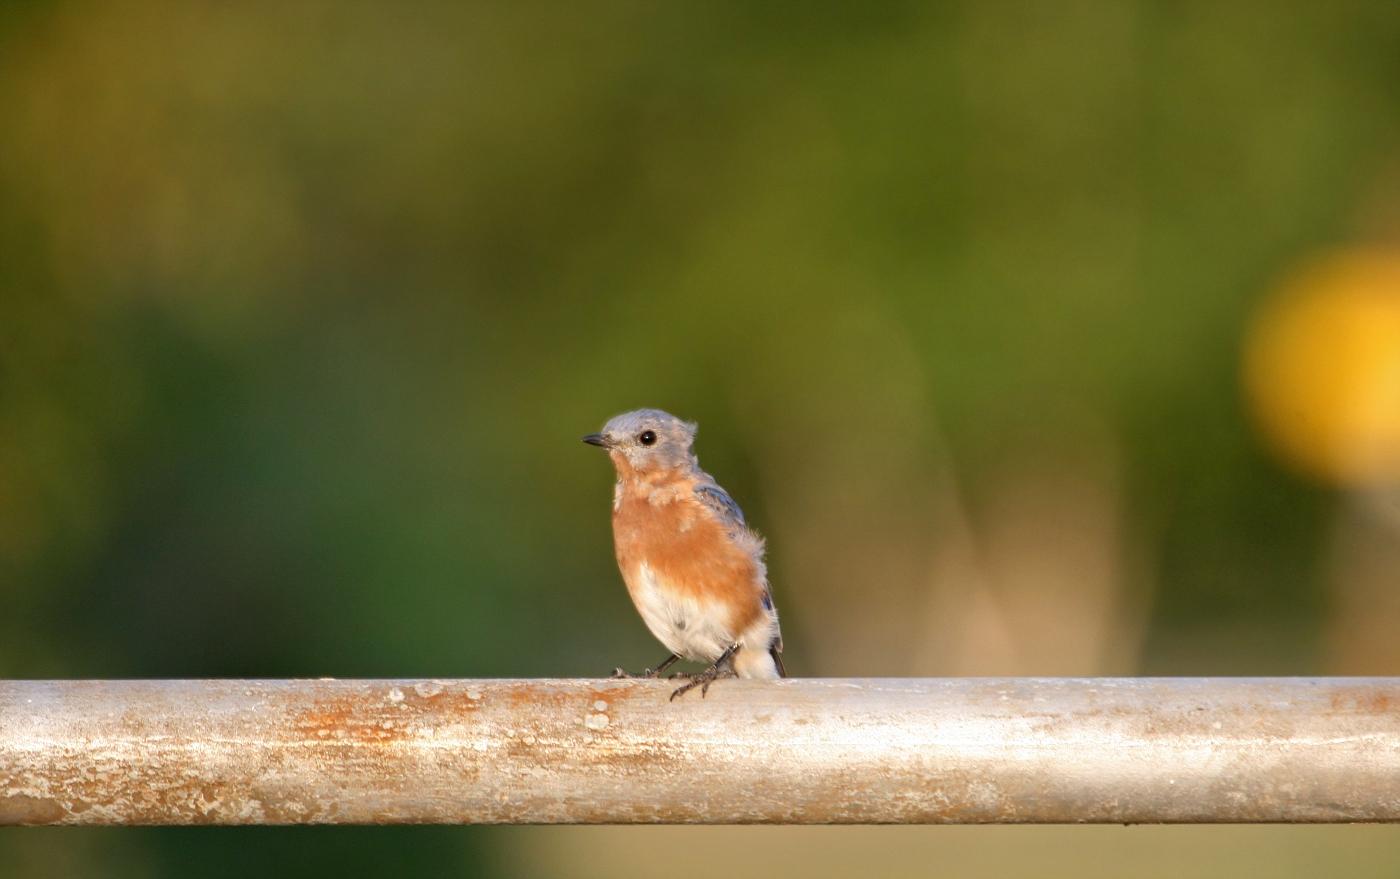 Juvenile Bluebird